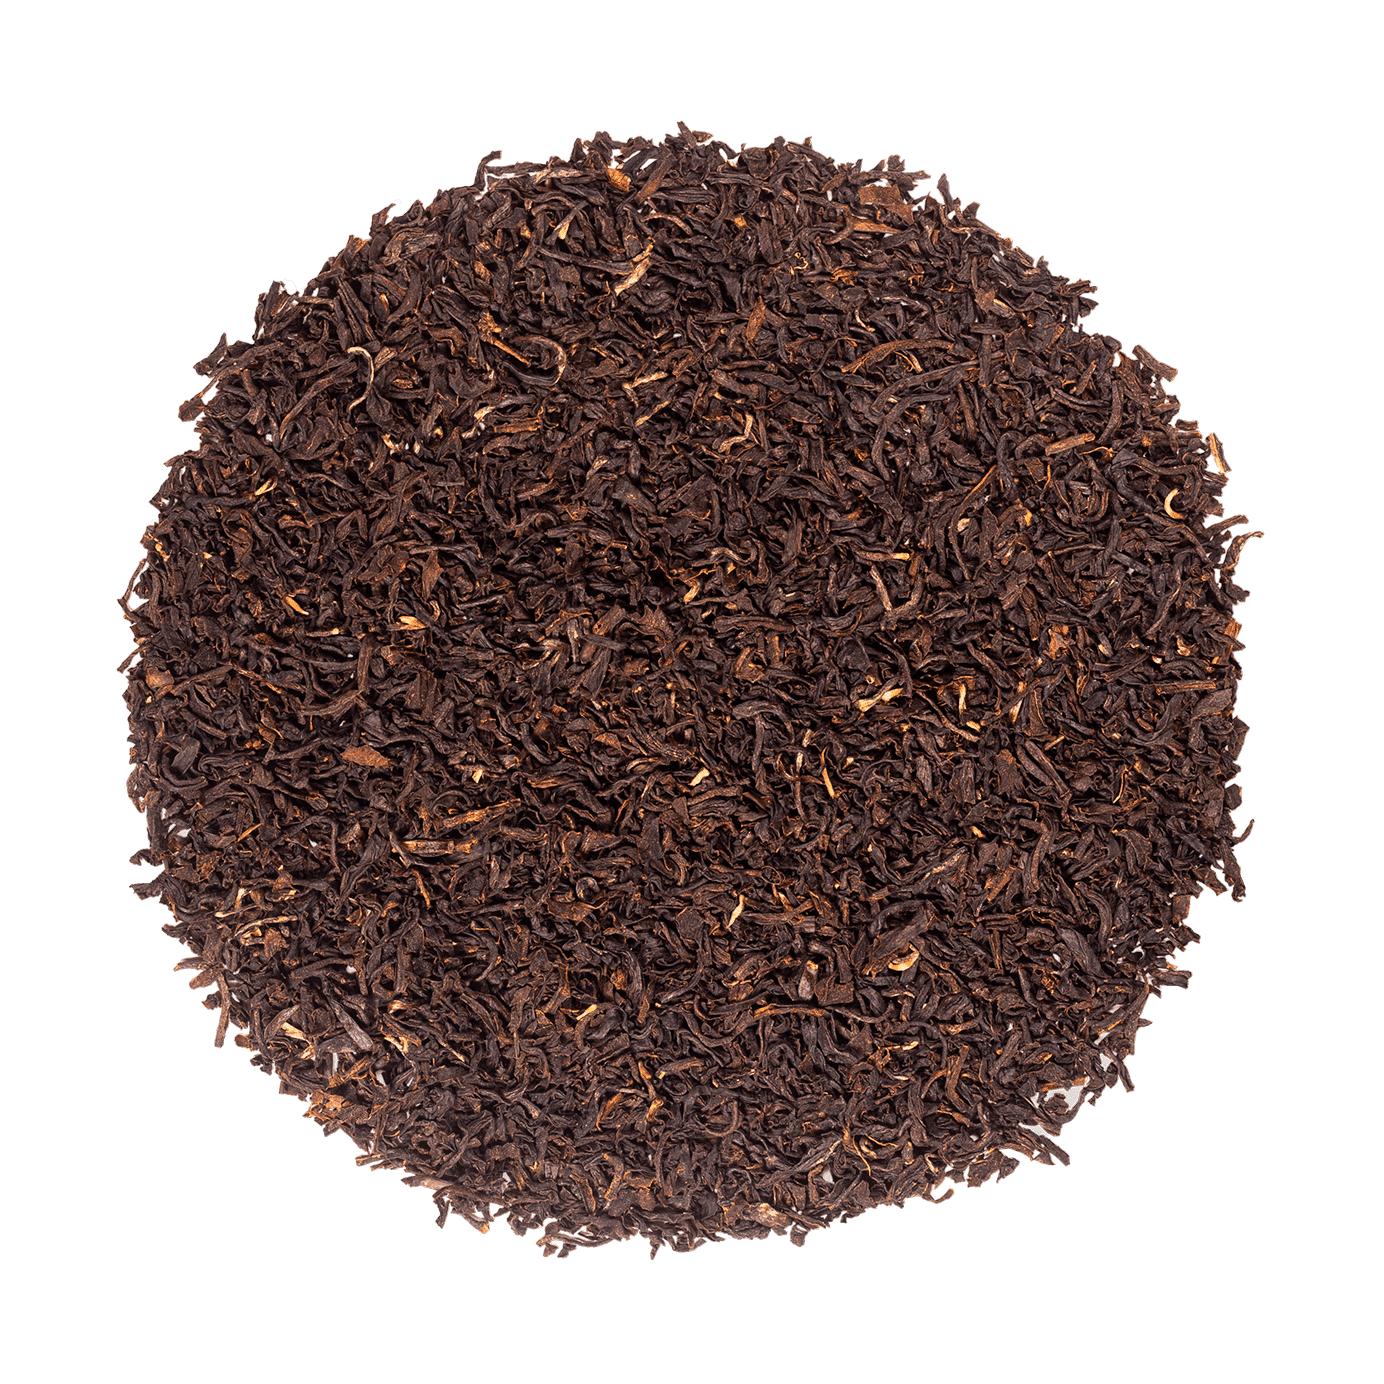 KUSMI TEA Assam bio - Thé noir corsé d'Inde - Thé en vrac - Kusmi Tea